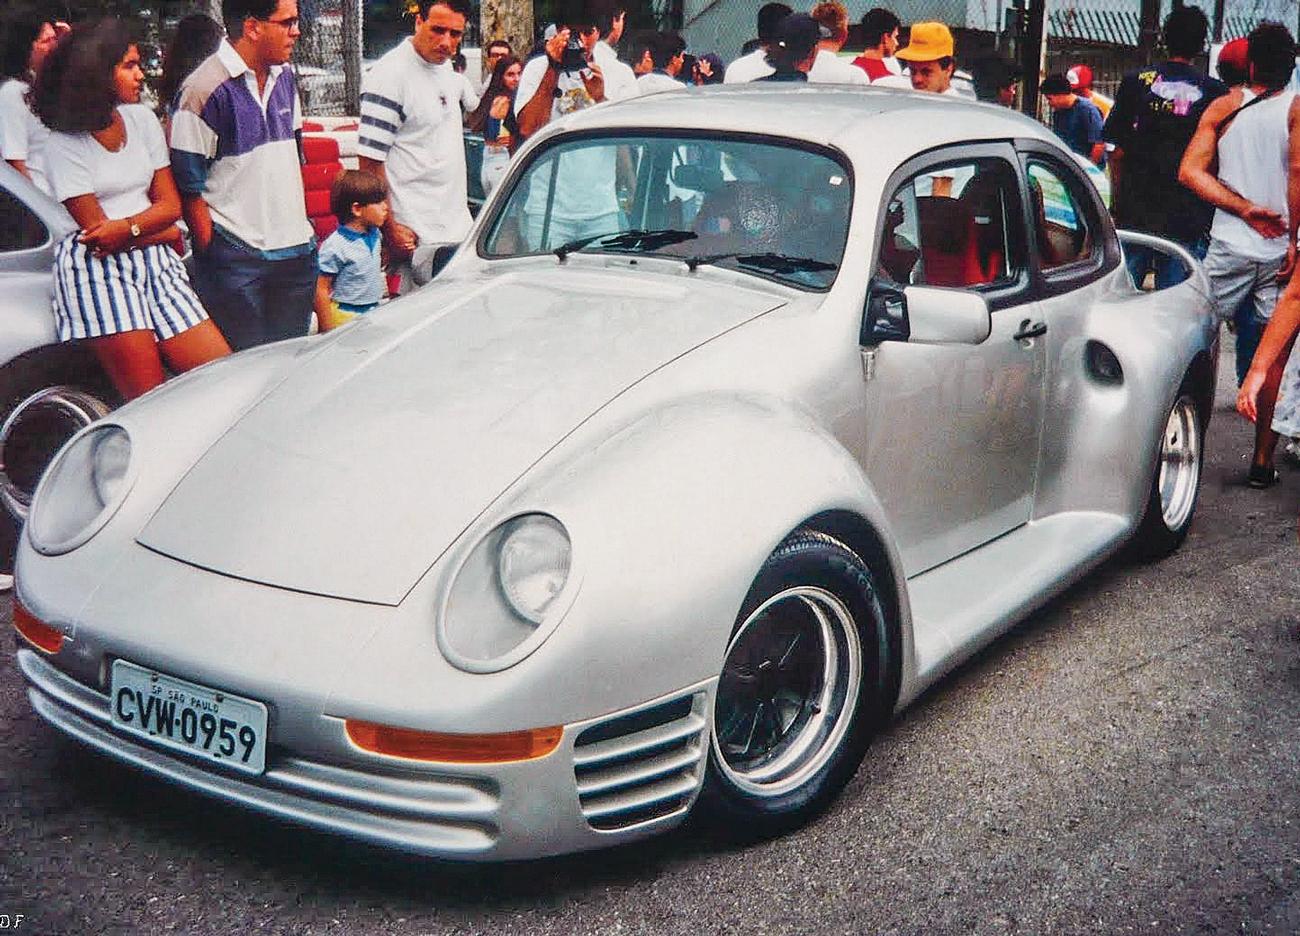 Cintra 959